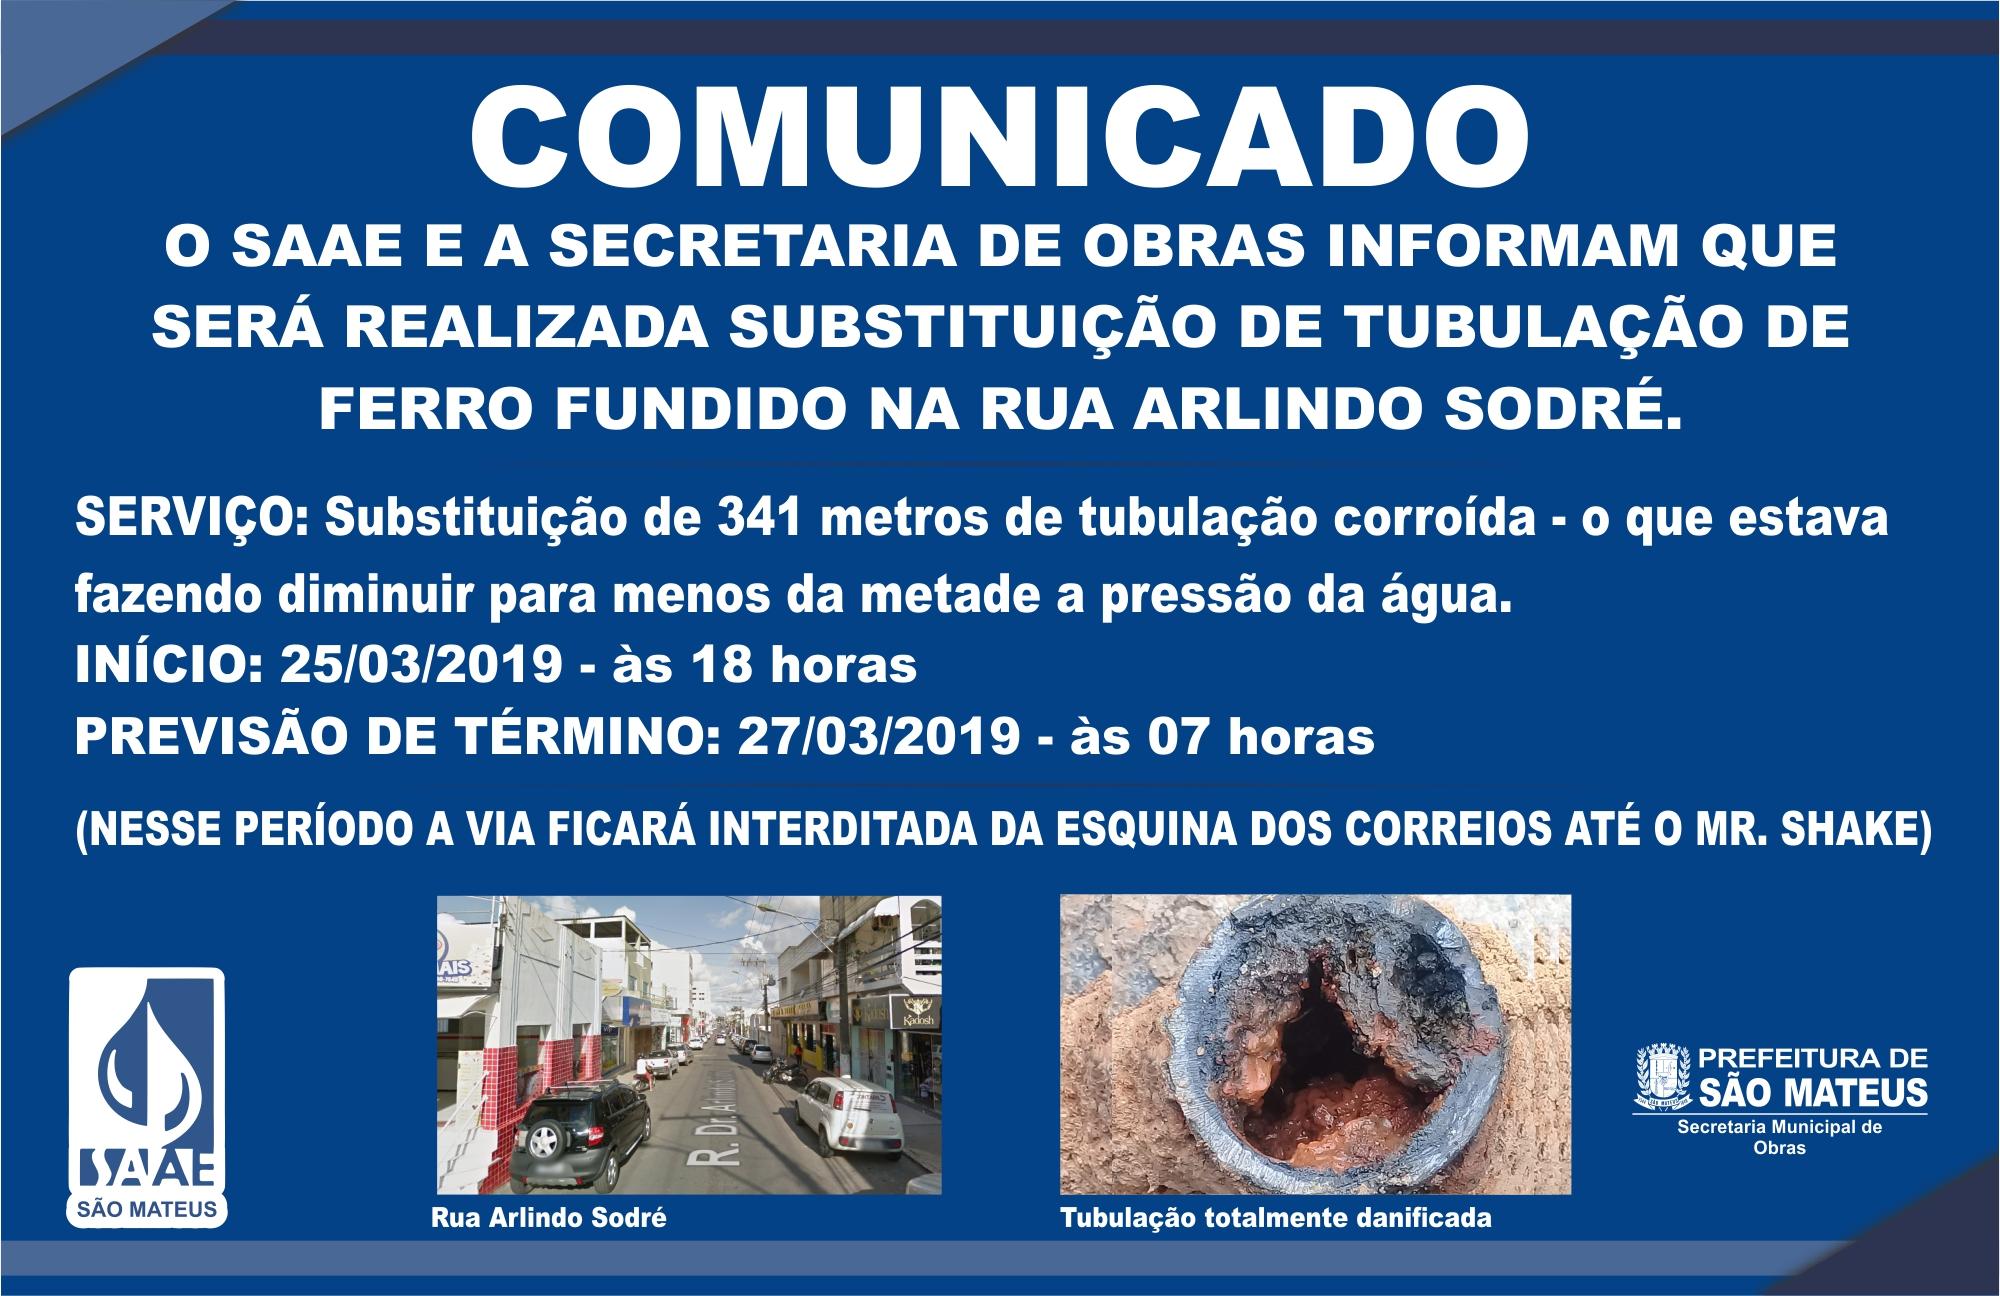 COMUNICADO - TROCA DE TUBULAÇÃO NA RUA ARLINDO SODRÉ